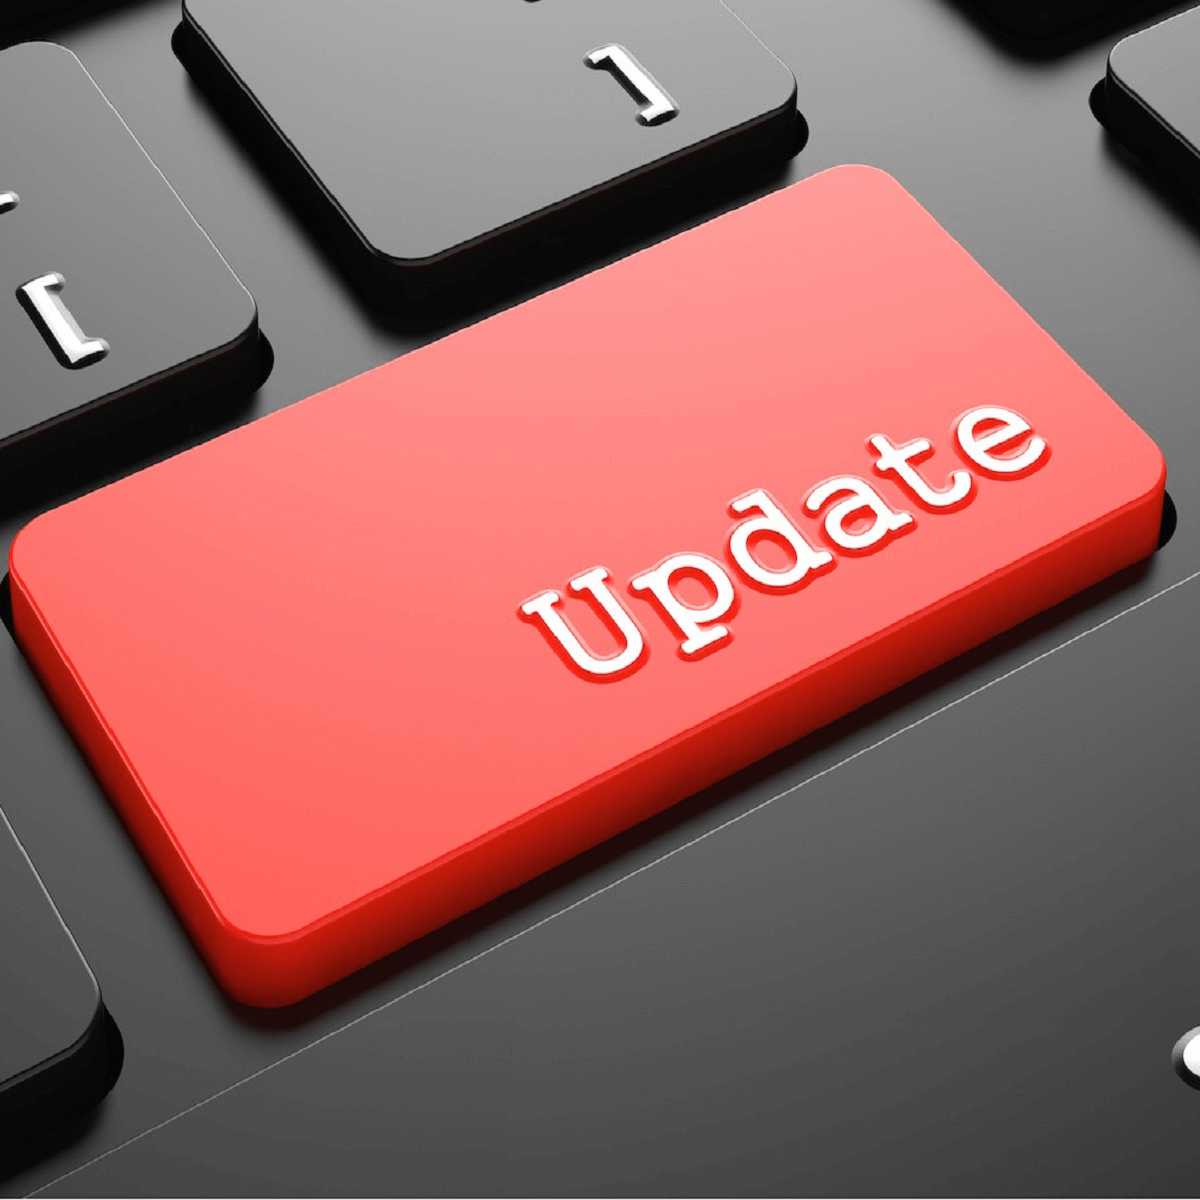 fix error update 0x8024a000